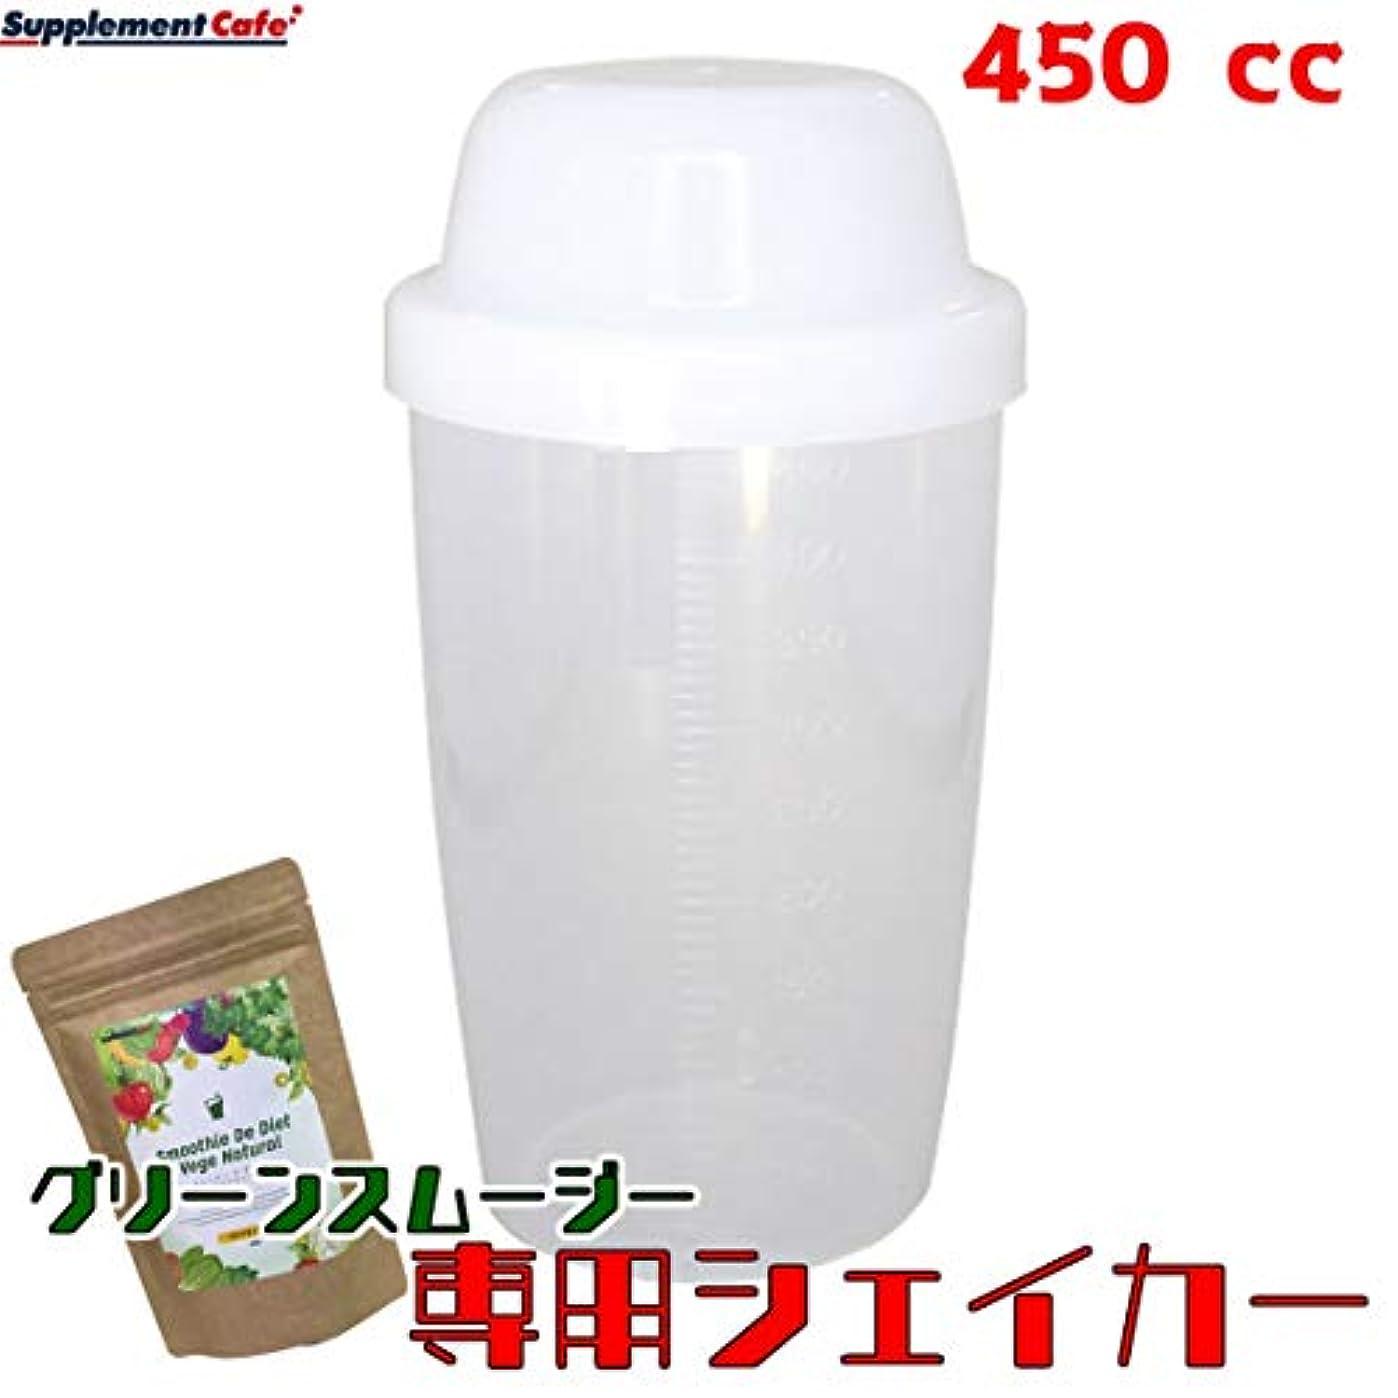 塩辛い写真のひねくれた【スムージー用シェイカー 450cc】スムージーデダイエットベジナチュラル